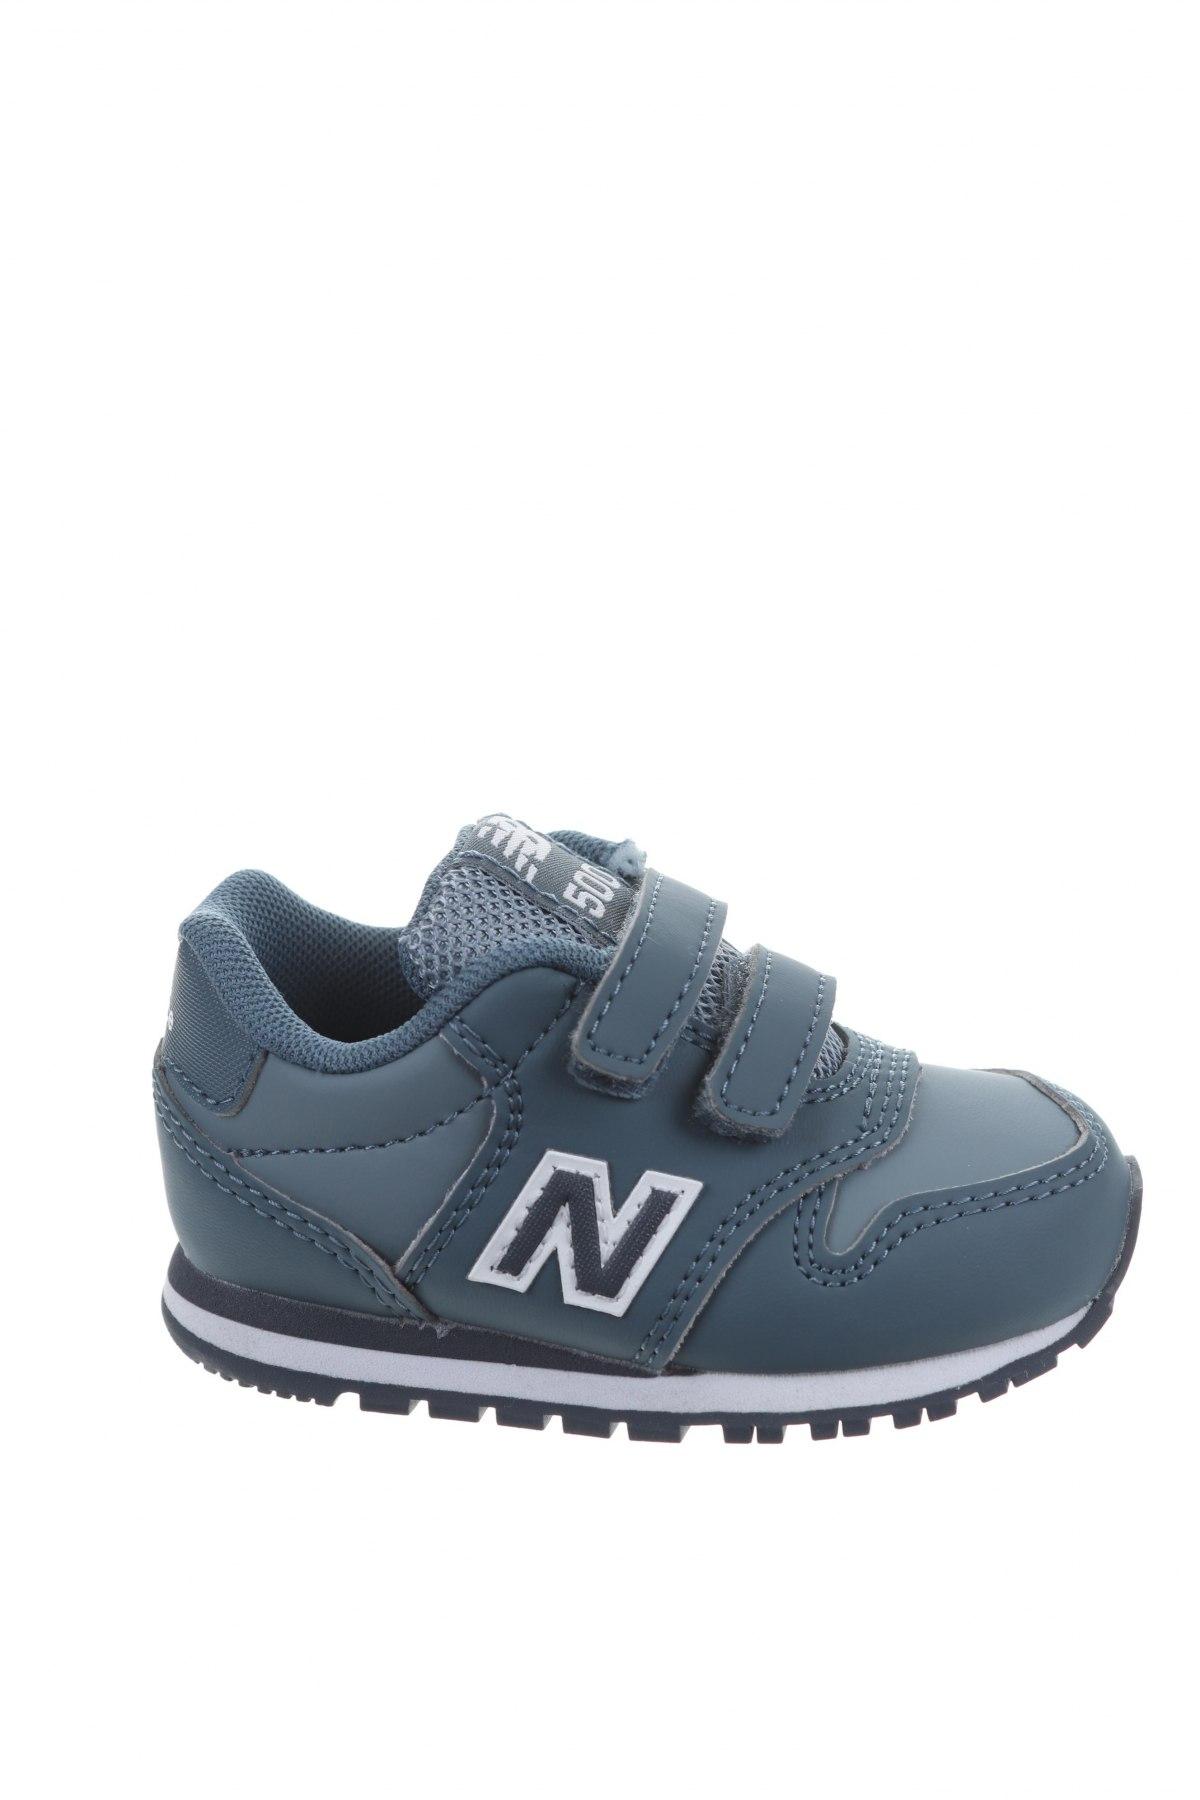 Παιδικά παπούτσια New Balance, Μέγεθος 20, Χρώμα Μπλέ, Δερματίνη, Τιμή 15,14€